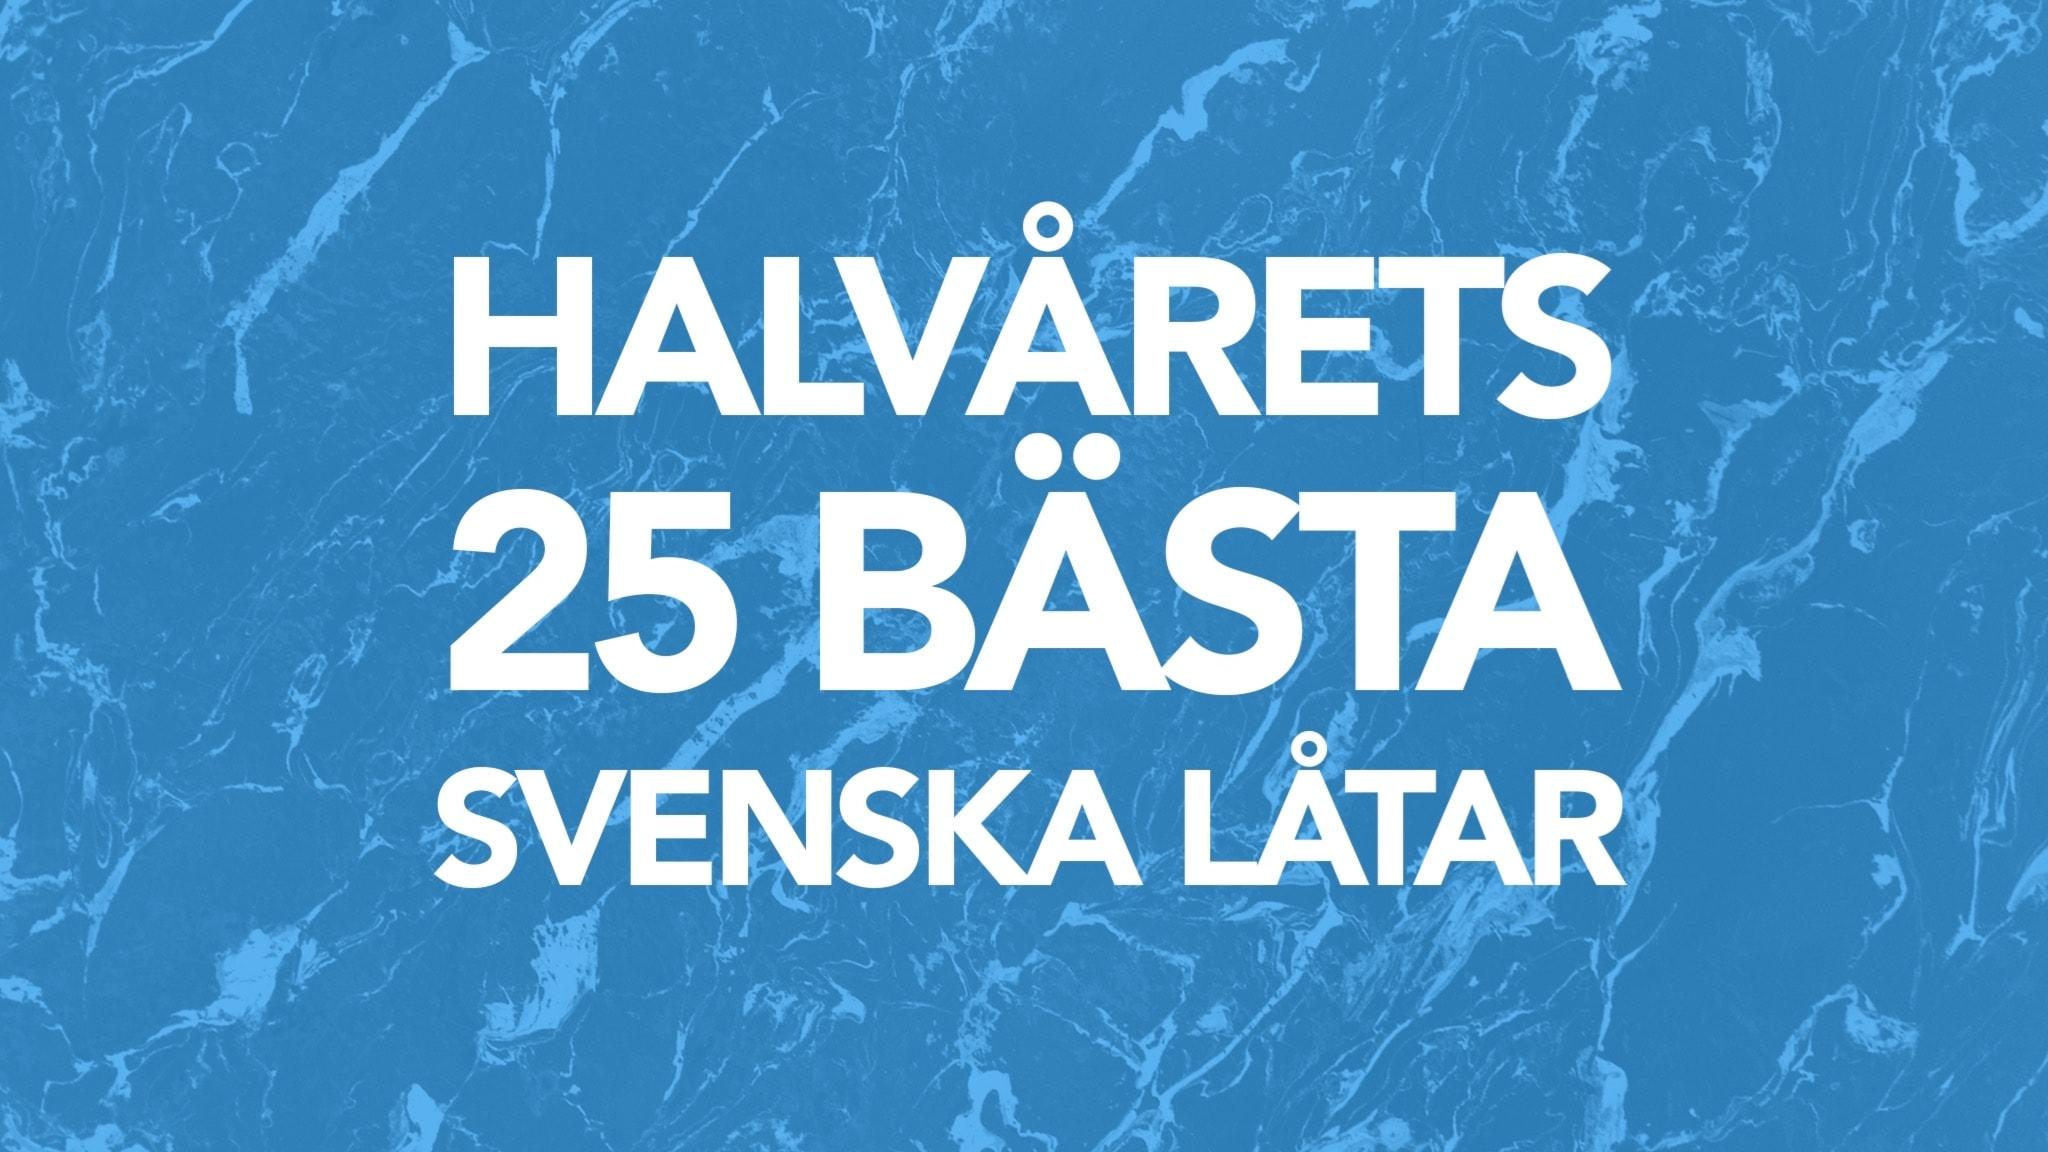 Halvårsbästa - halvårets 25 bästa svenska låtar